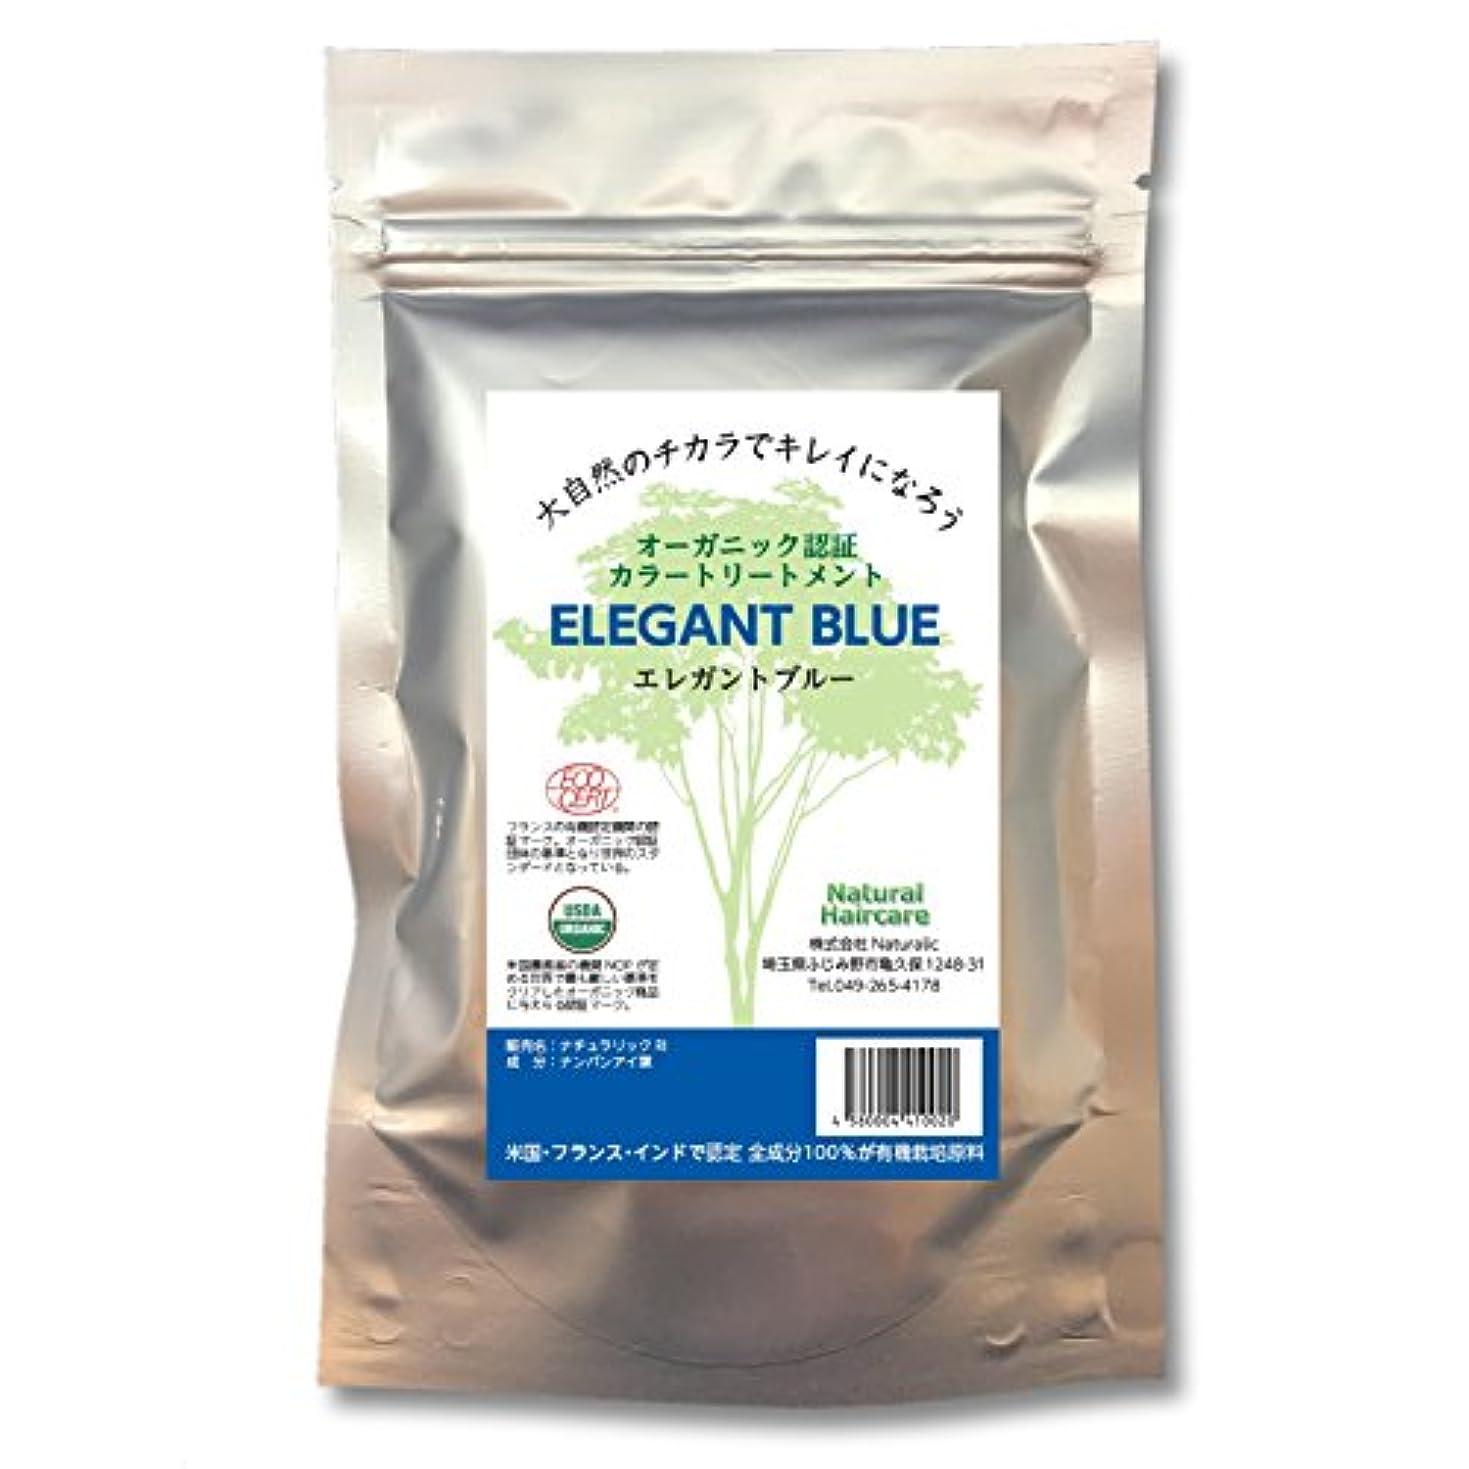 リマークシチリアペックナチュラルヘアケア エレガントブルー 世界3カ国オーガニック機関認証済み 100%天然植物 インディゴ 青紫色系